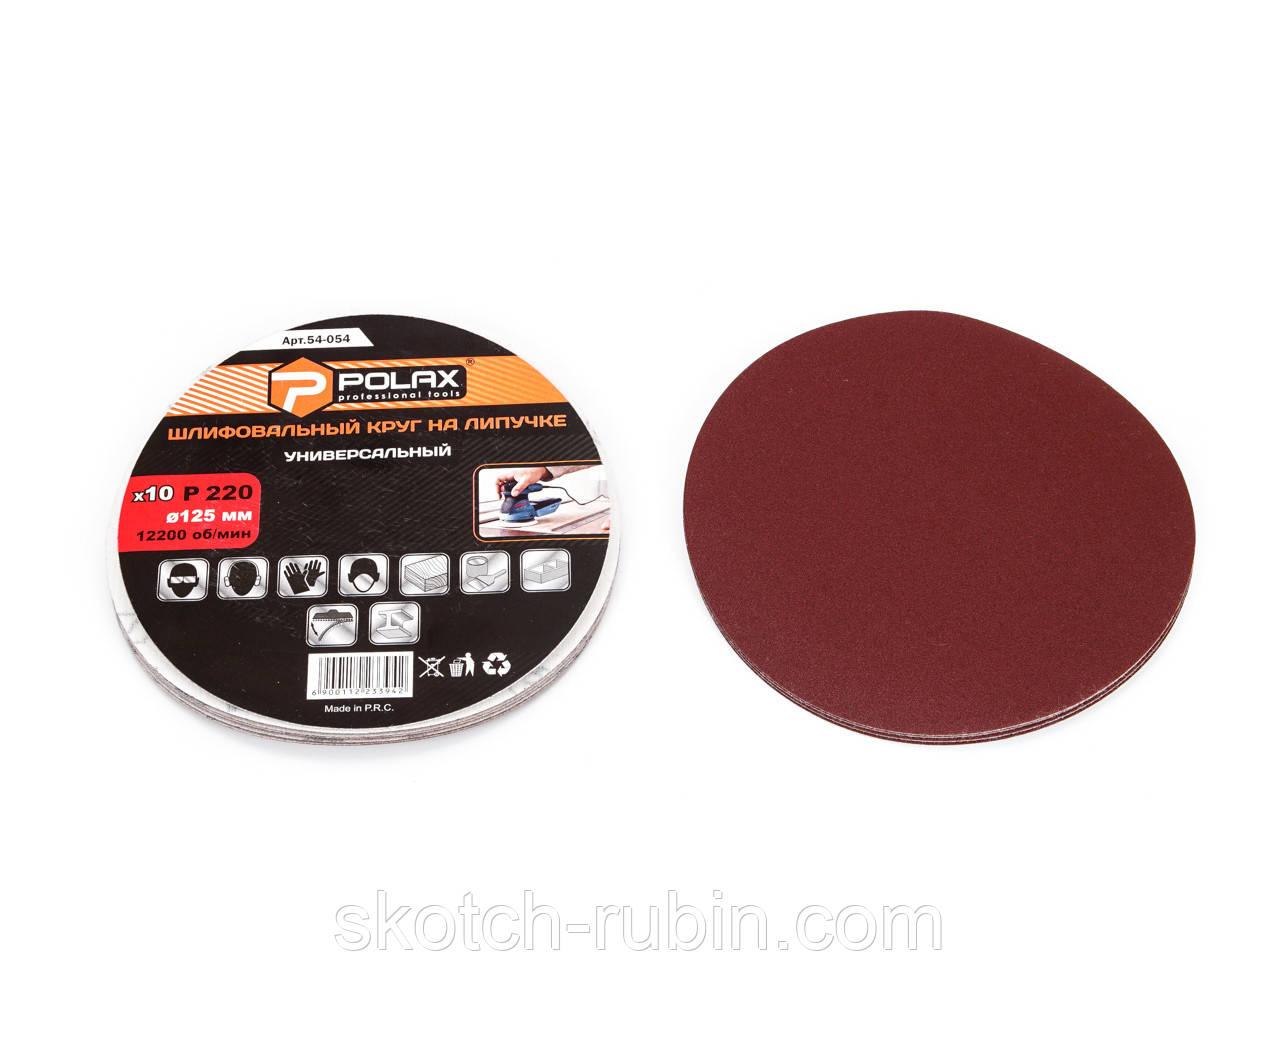 Шлифовальный круг на липучке Polax 125 мм P220 10 шт